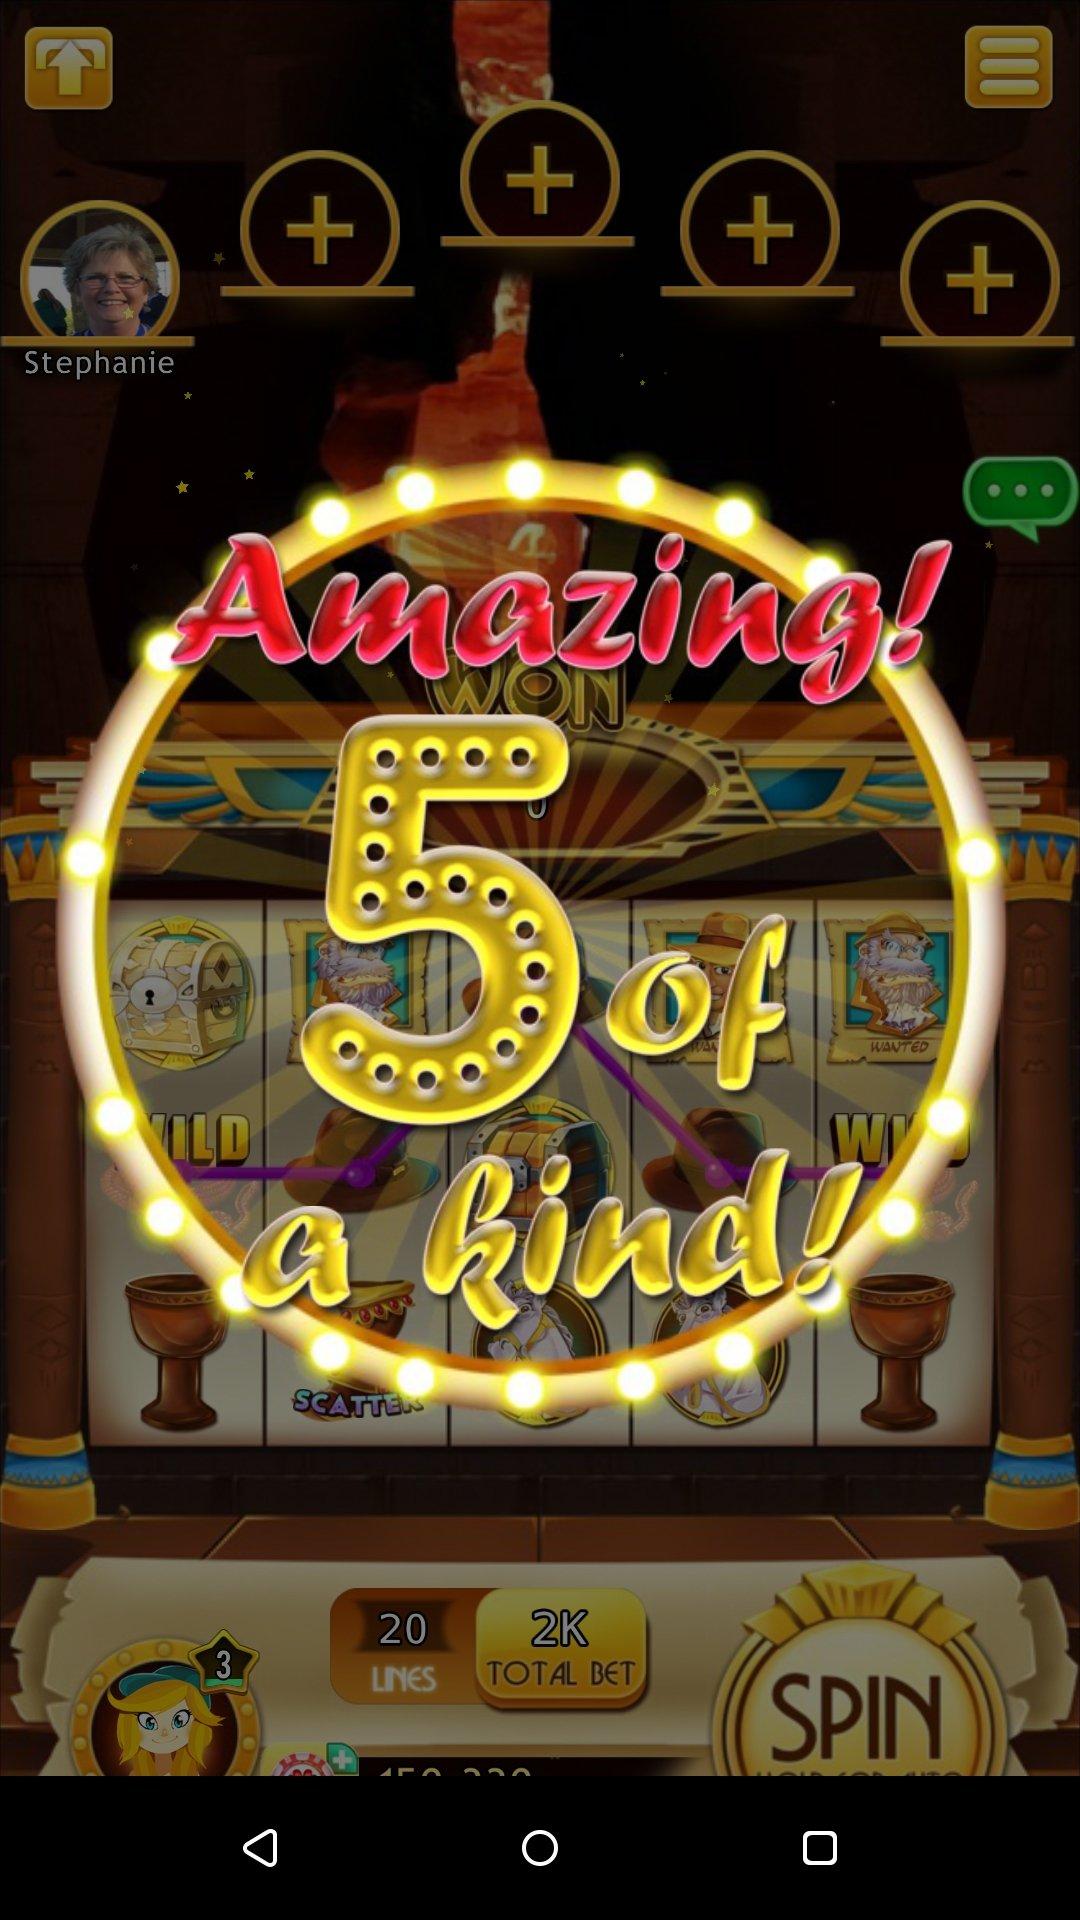 Скачать бесплатно игровые автоматы для андроид 2.3.6 хорошие ставки в казино youtube lang ru